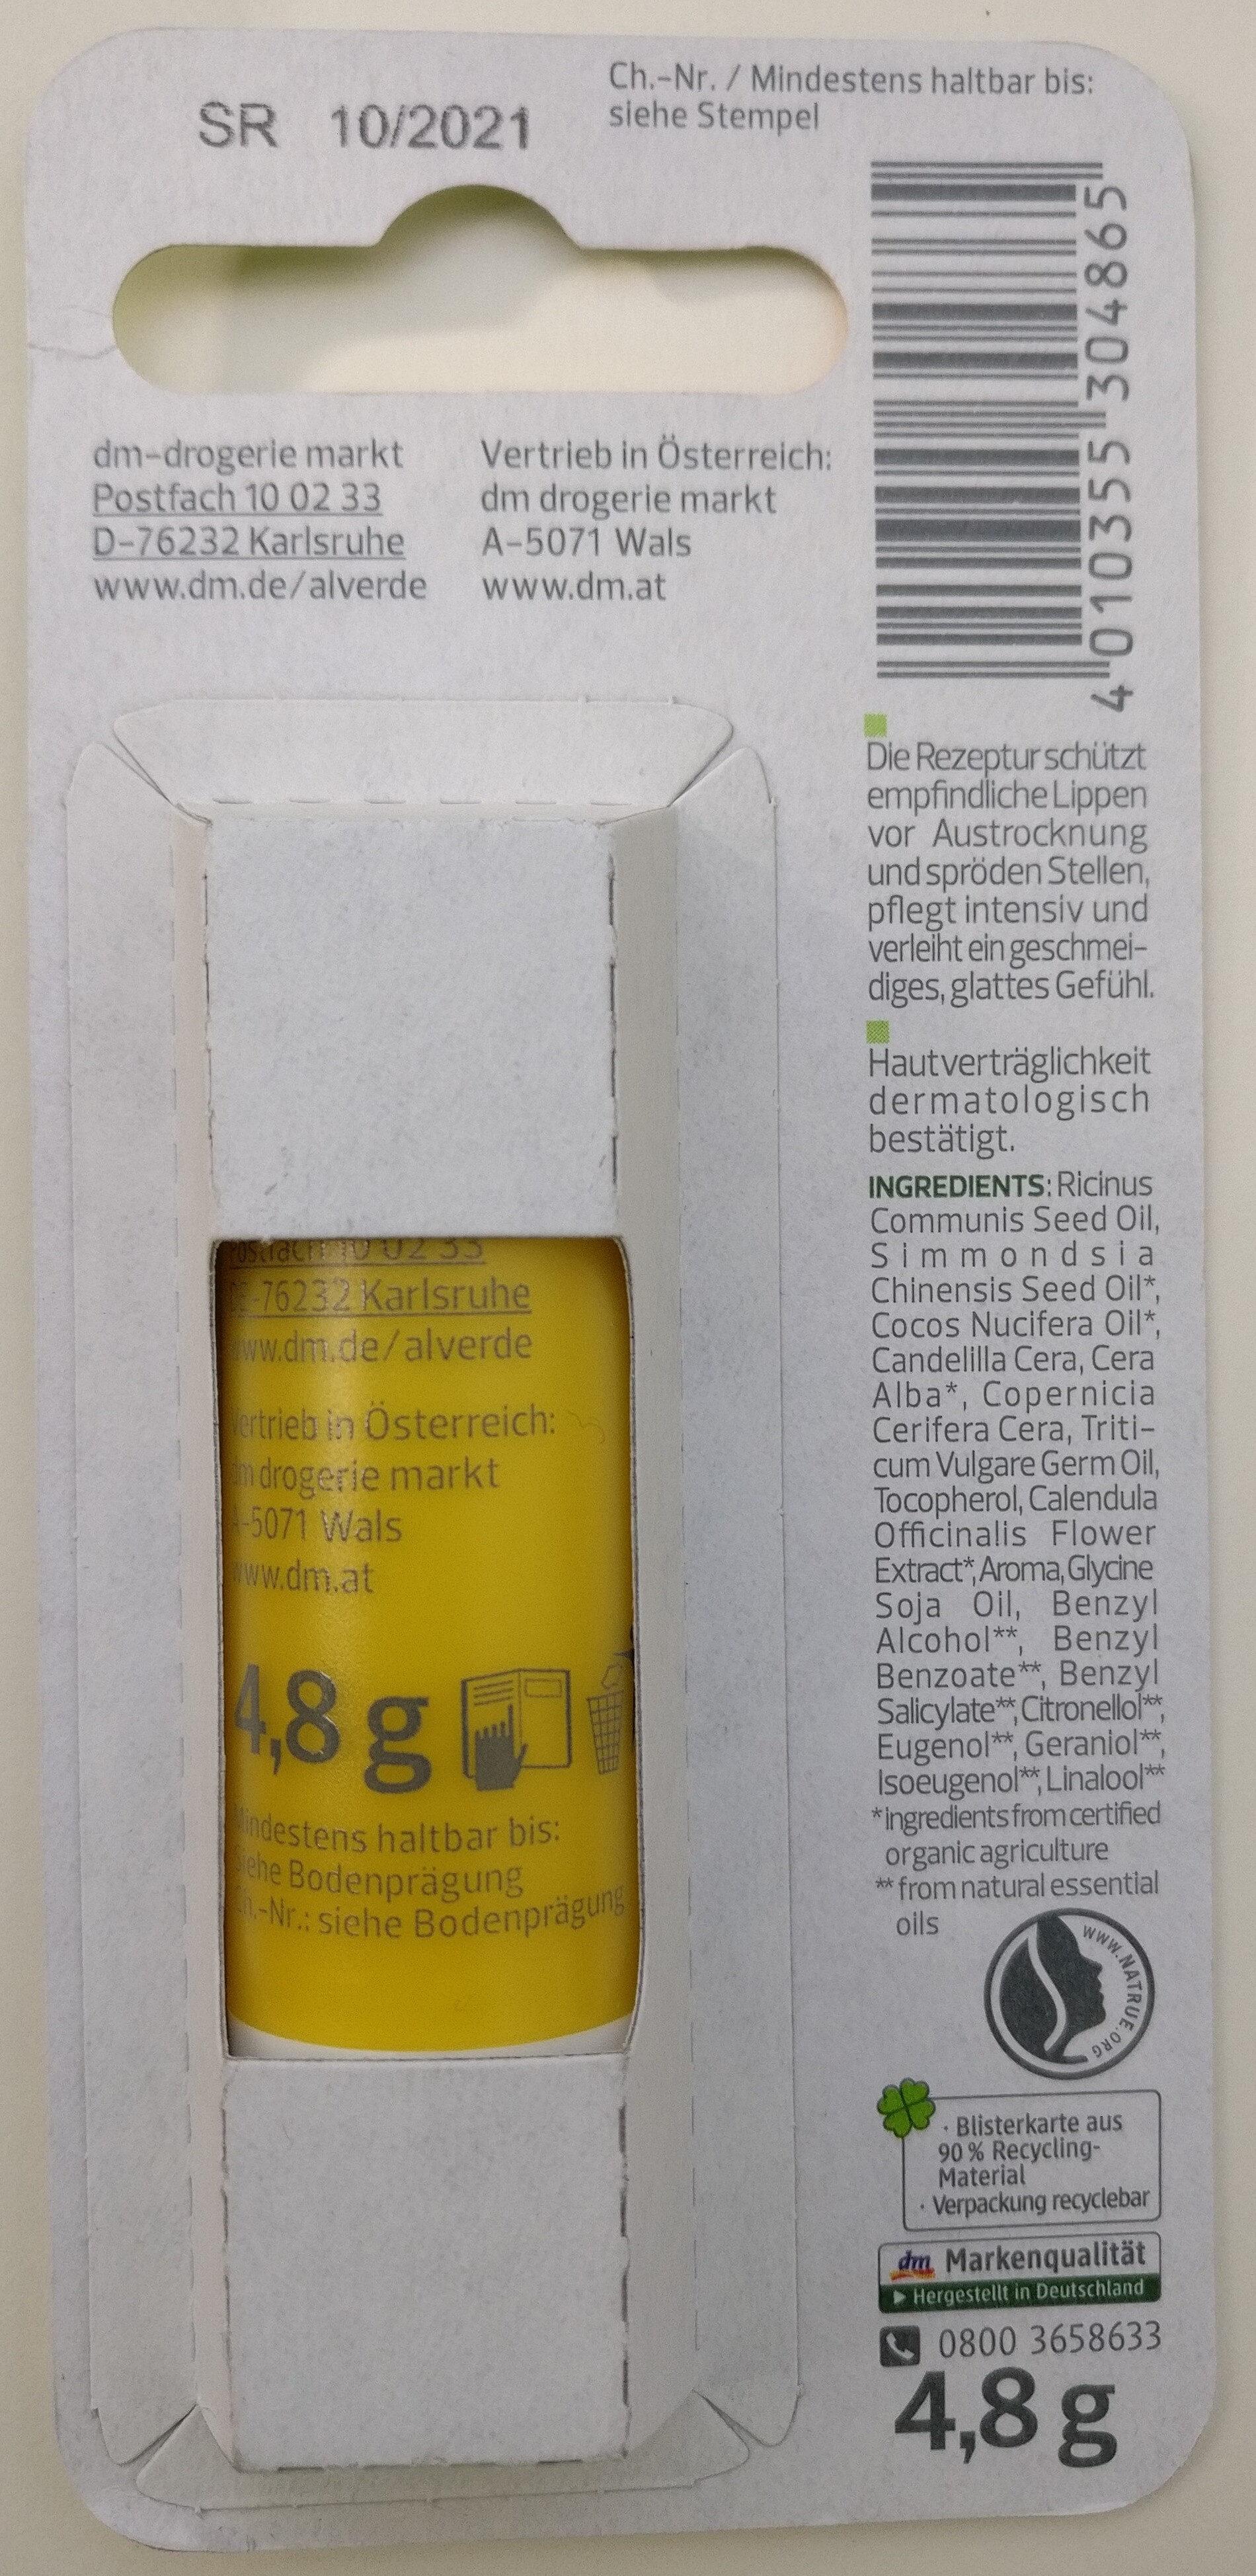 Lippenpflege Bio-Calendula - Product - en